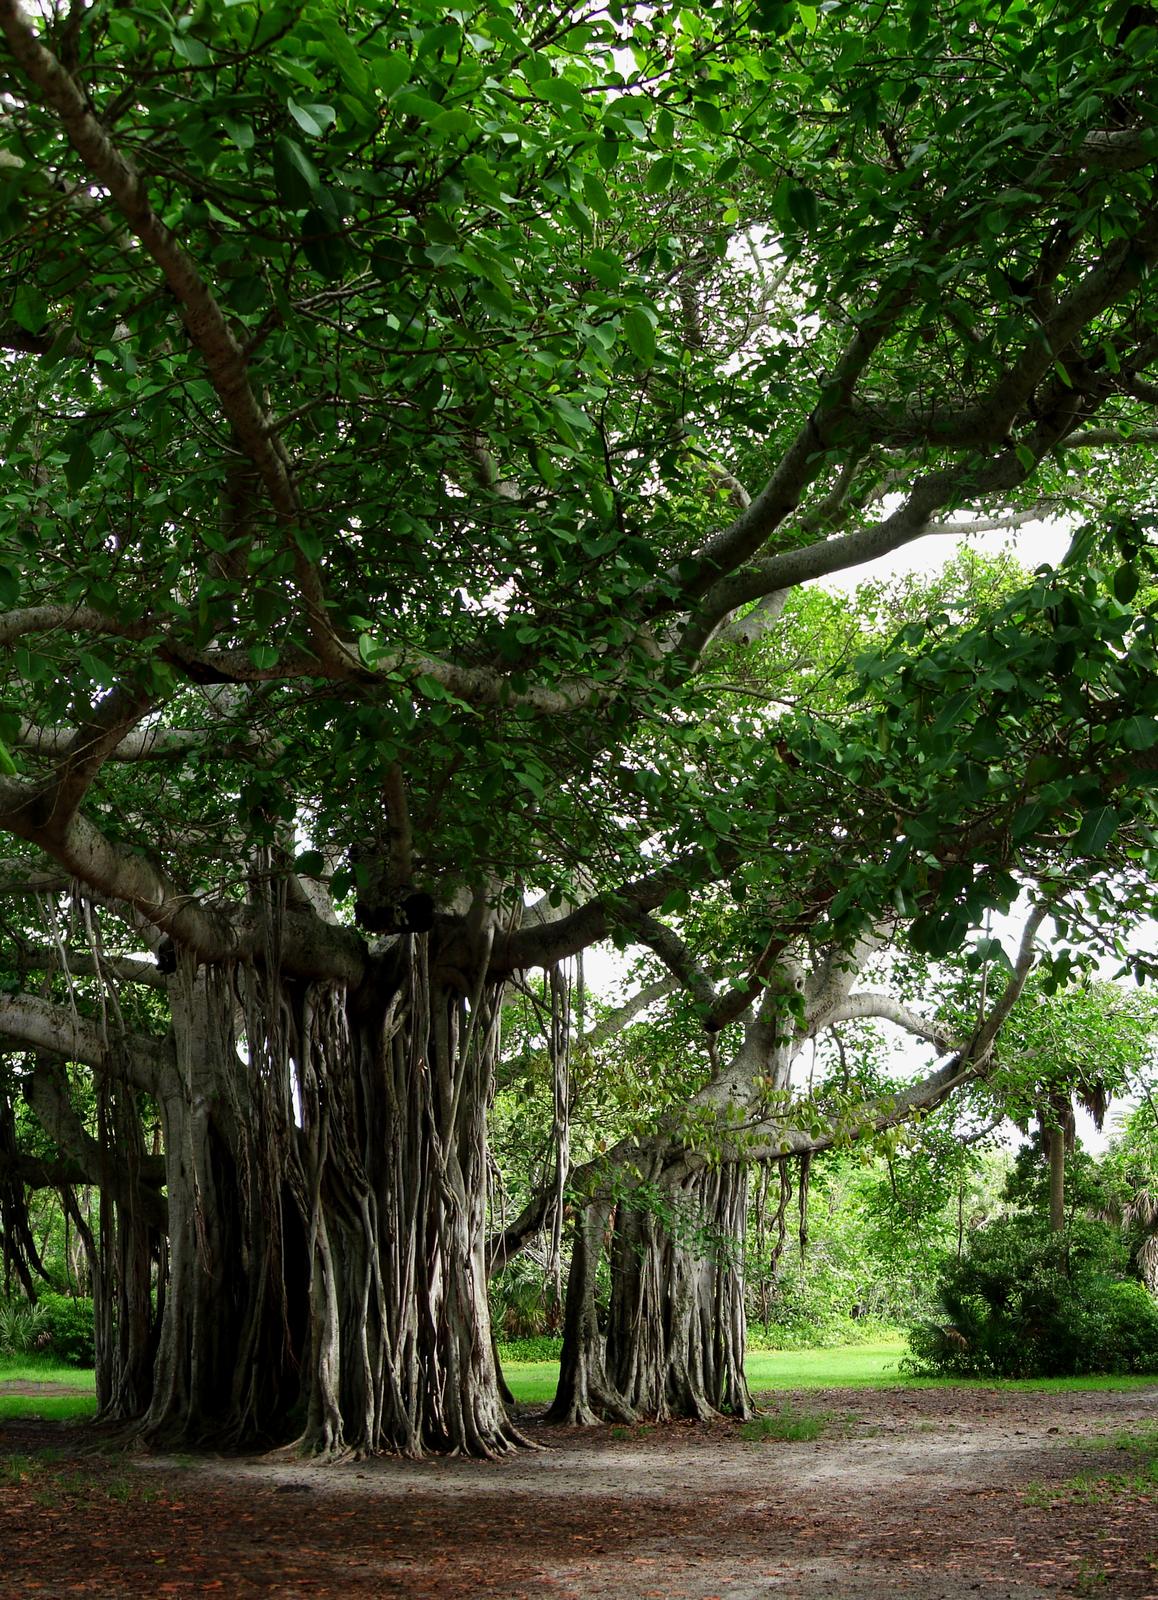 Fotografia przedstawia dwa drzewa ogęstym, ciemnozielonym ulistnieniu. Zkonarów zwisają długie, cienkie korzenie oddechowe. To drzewa kalwaryjskie.